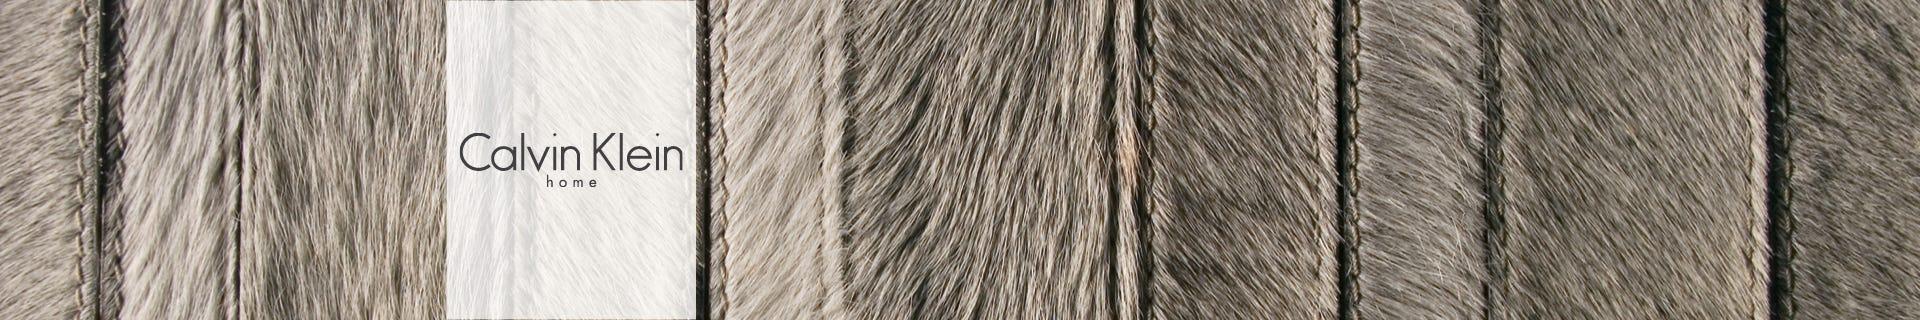 PRAIRIE - CALVIN KLEIN - Brands - Area Rugs